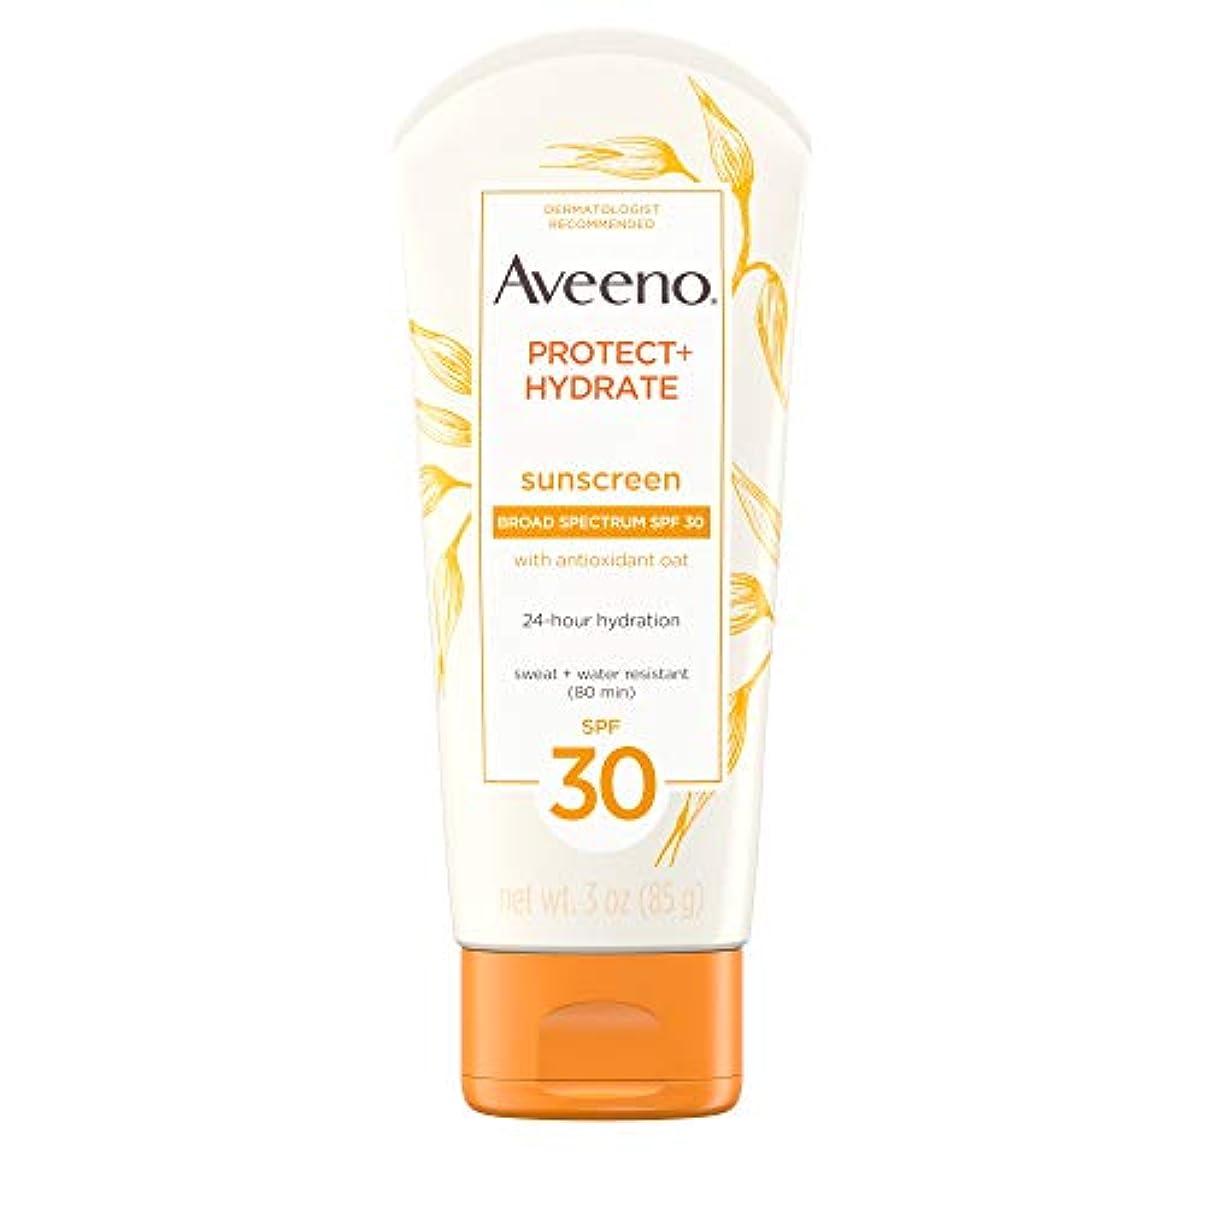 スープ装備するはさみAveeno アビーノ 日焼け止め ローションSPF-30 protect+hydrate Sunscreen Lotion(平行輸入品) 85g (3Oz)